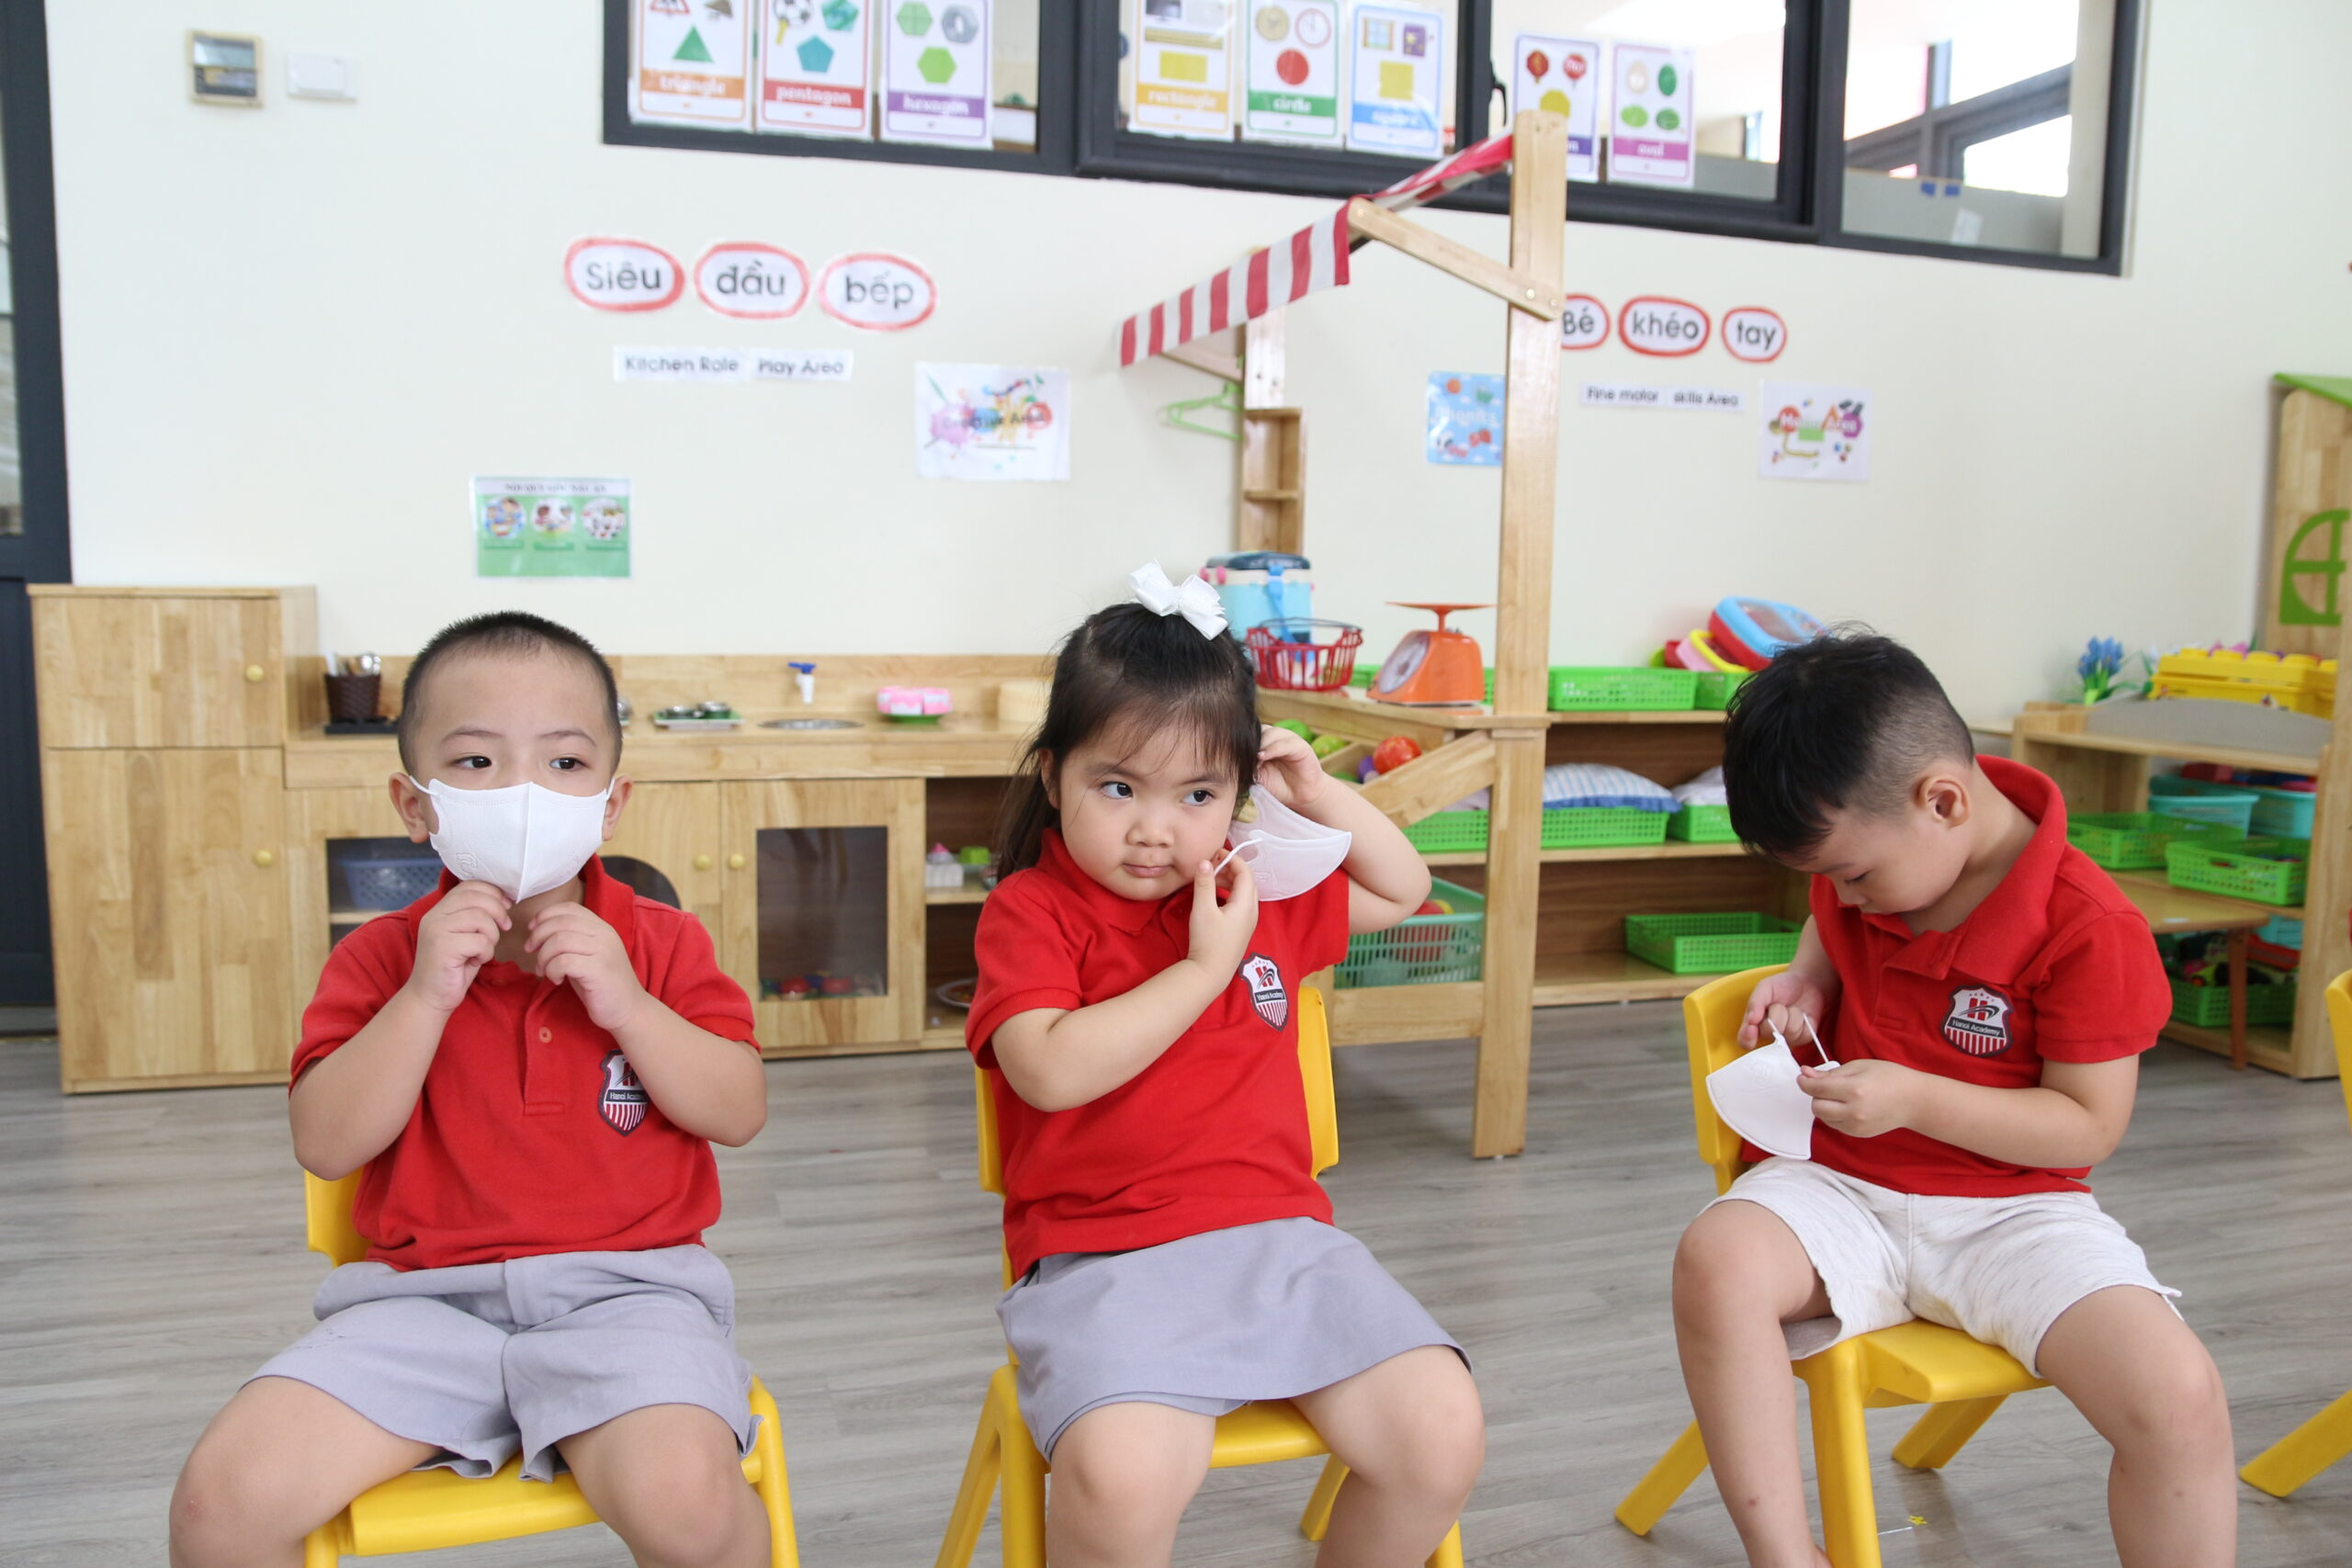 Phương pháp học theo dự án của Hanoi Academy có gì thú vị? Trang chủ